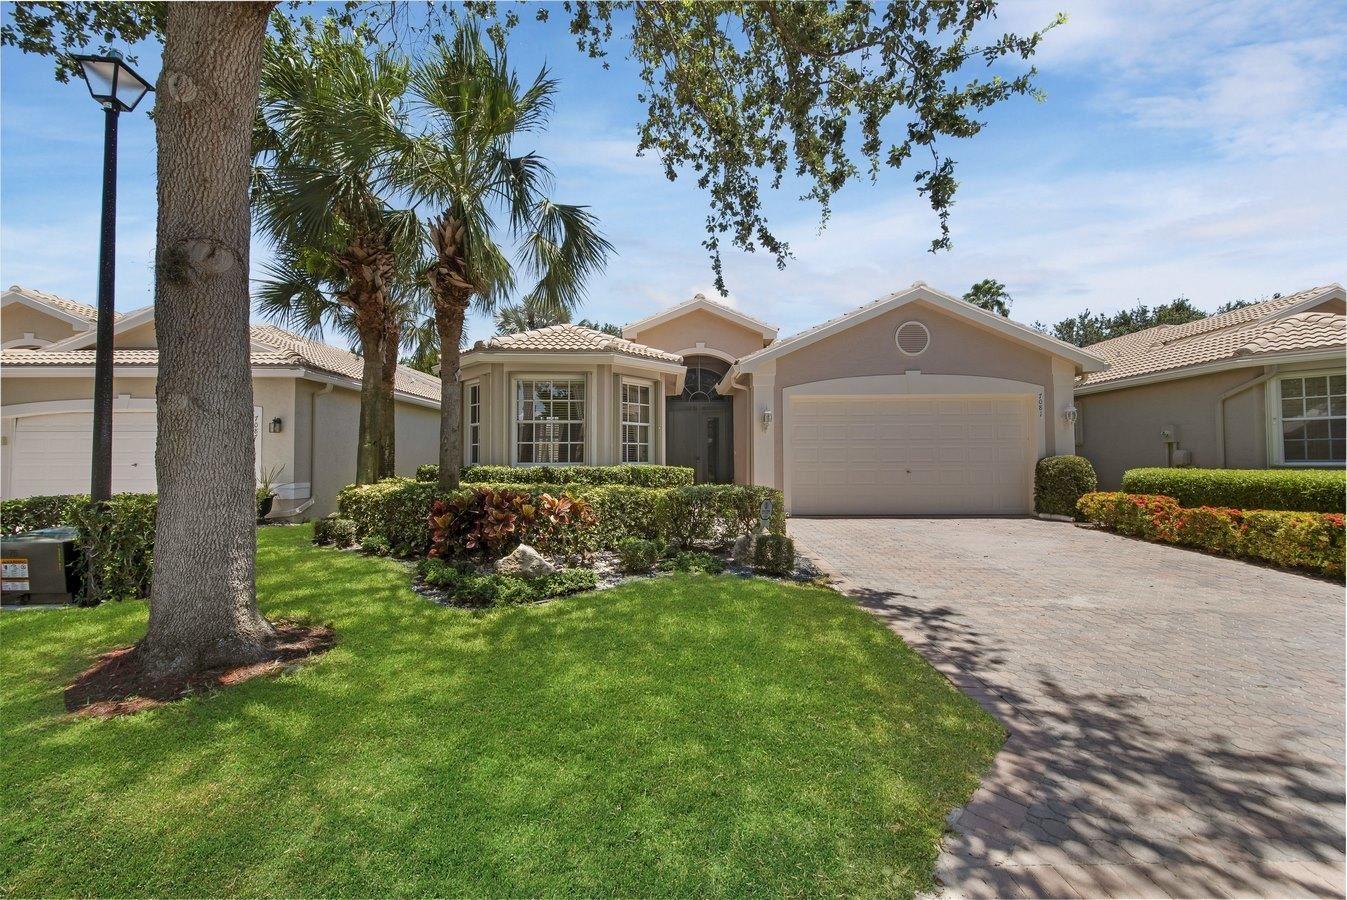 7081 Avila Terrace Way, Delray Beach, FL 33446 - #: RX-10631675